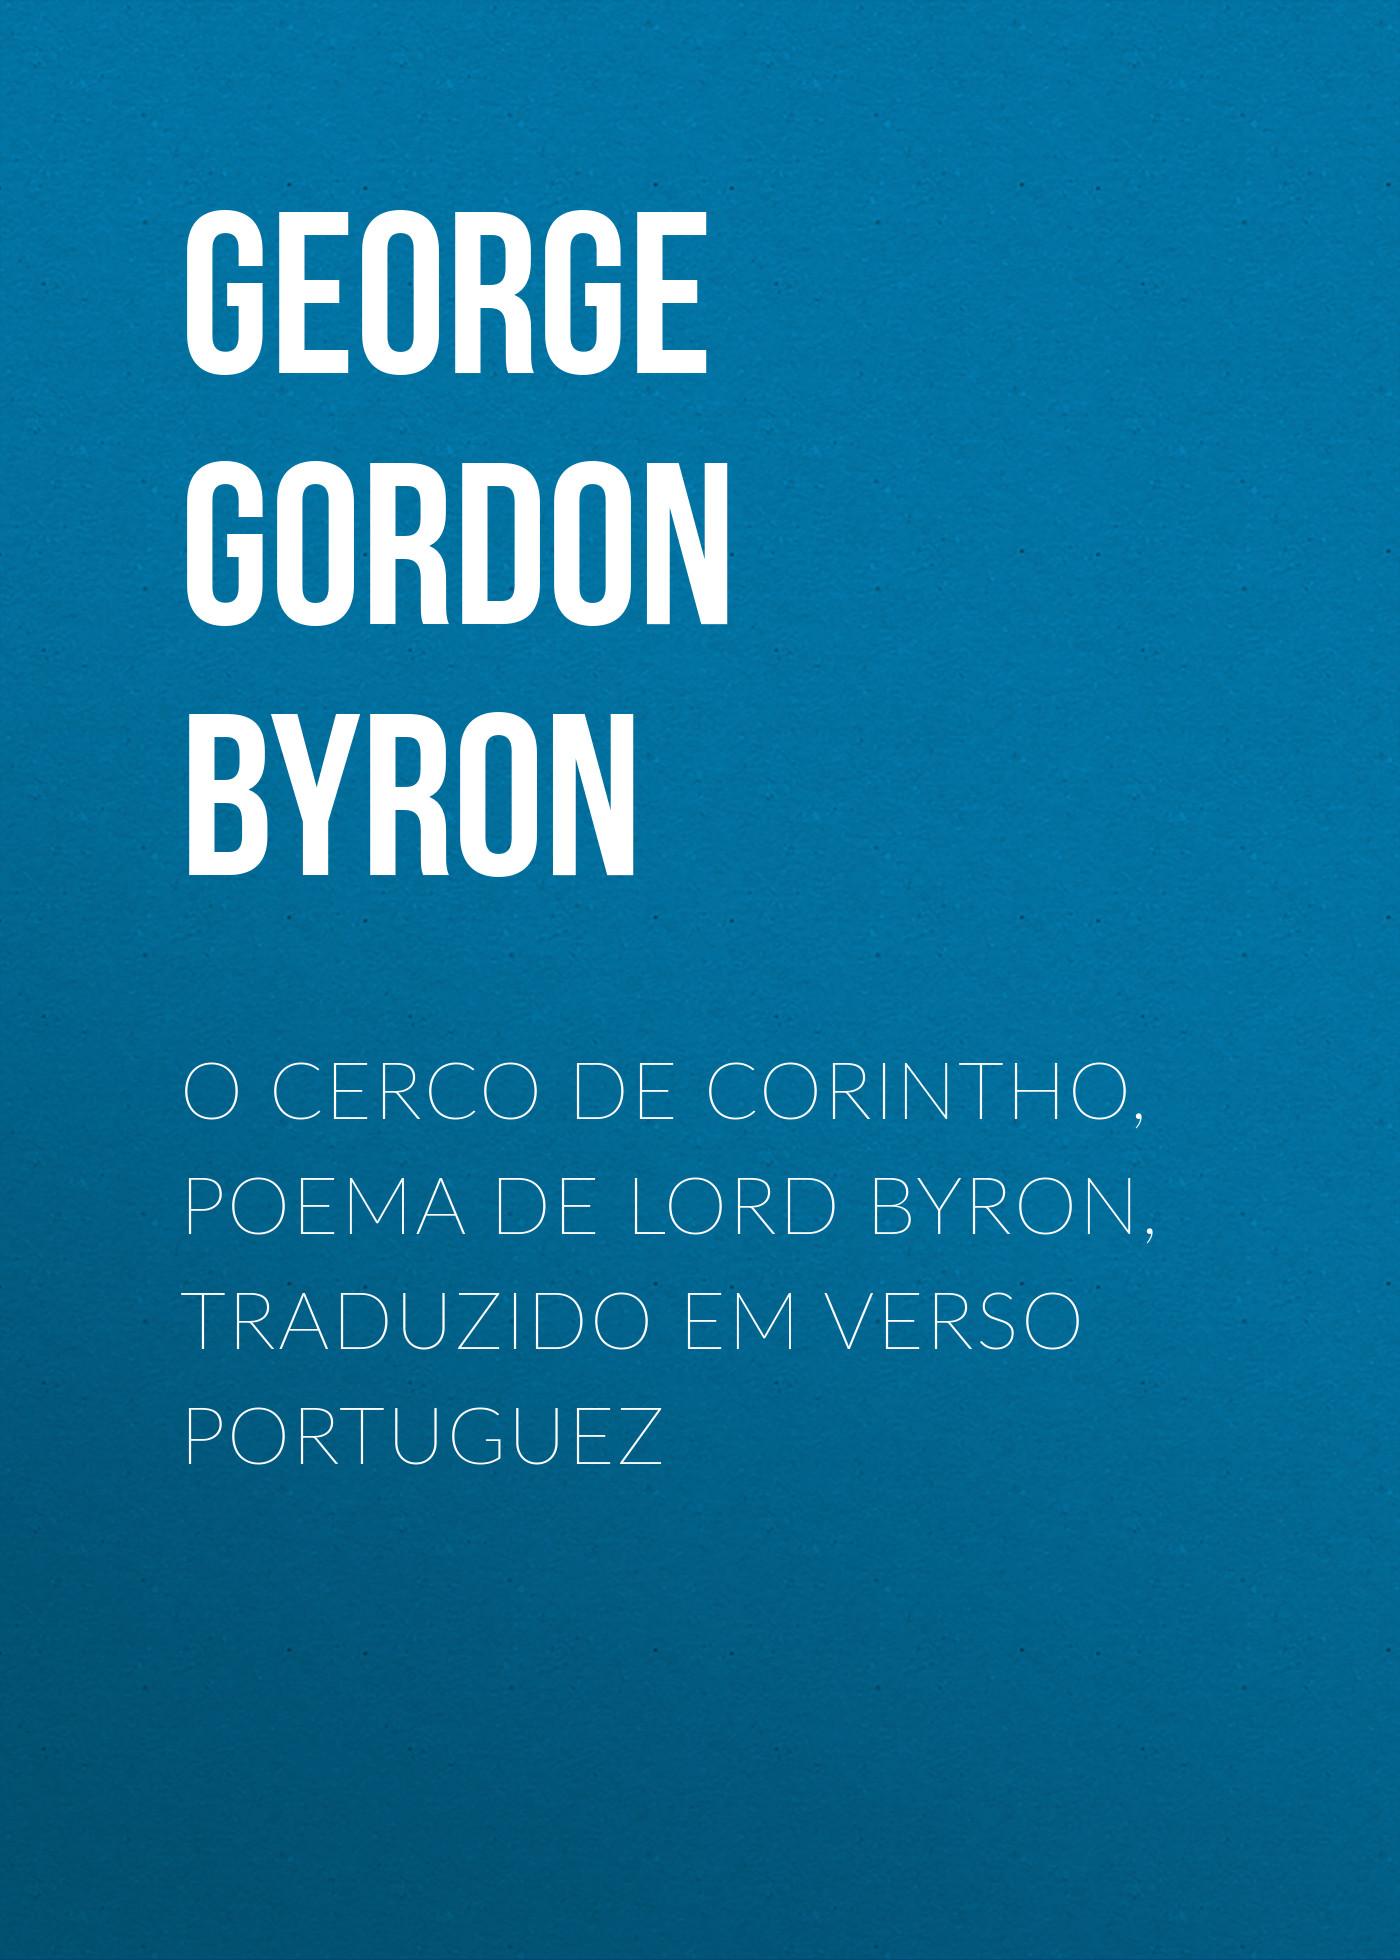 Джордж Гордон Байрон O Cerco de Corintho, poema de Lord Byron, traduzido em verso portuguez ecclesiastico do bispado de leiria a redempcao poema epico em seis cantos